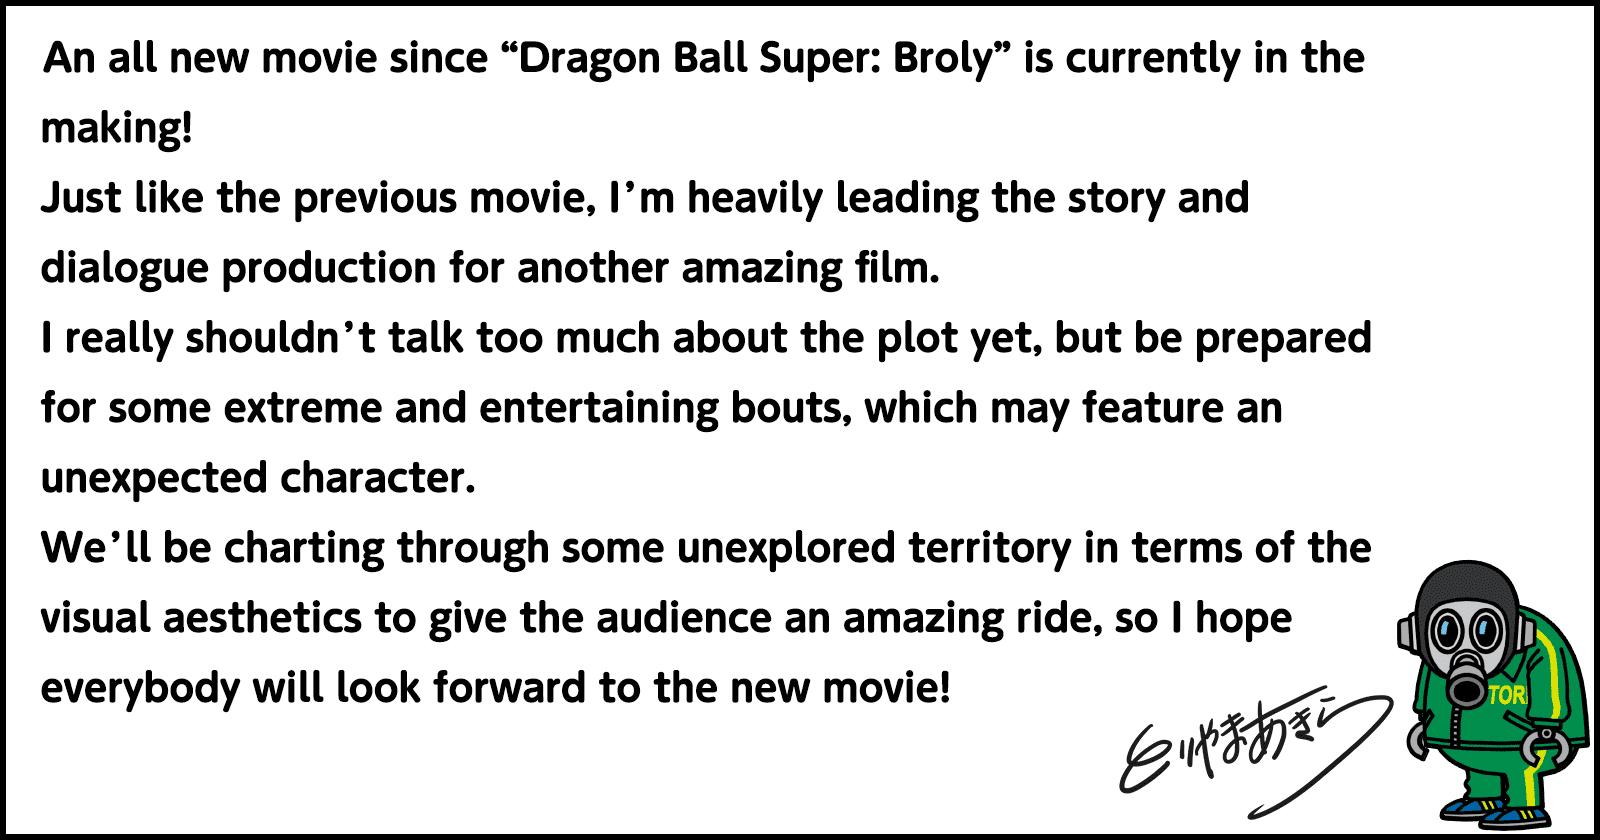 Dragon ball super movie announced